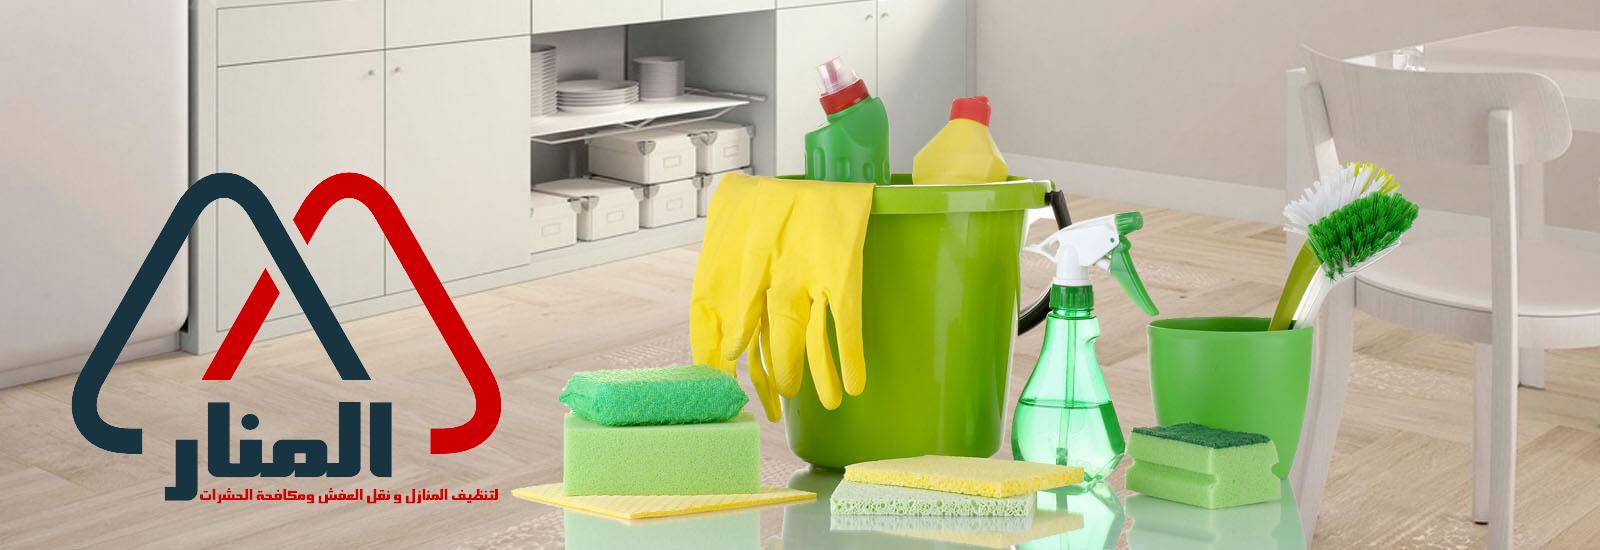 شركة تنظيف بالمذنب وبالغاط